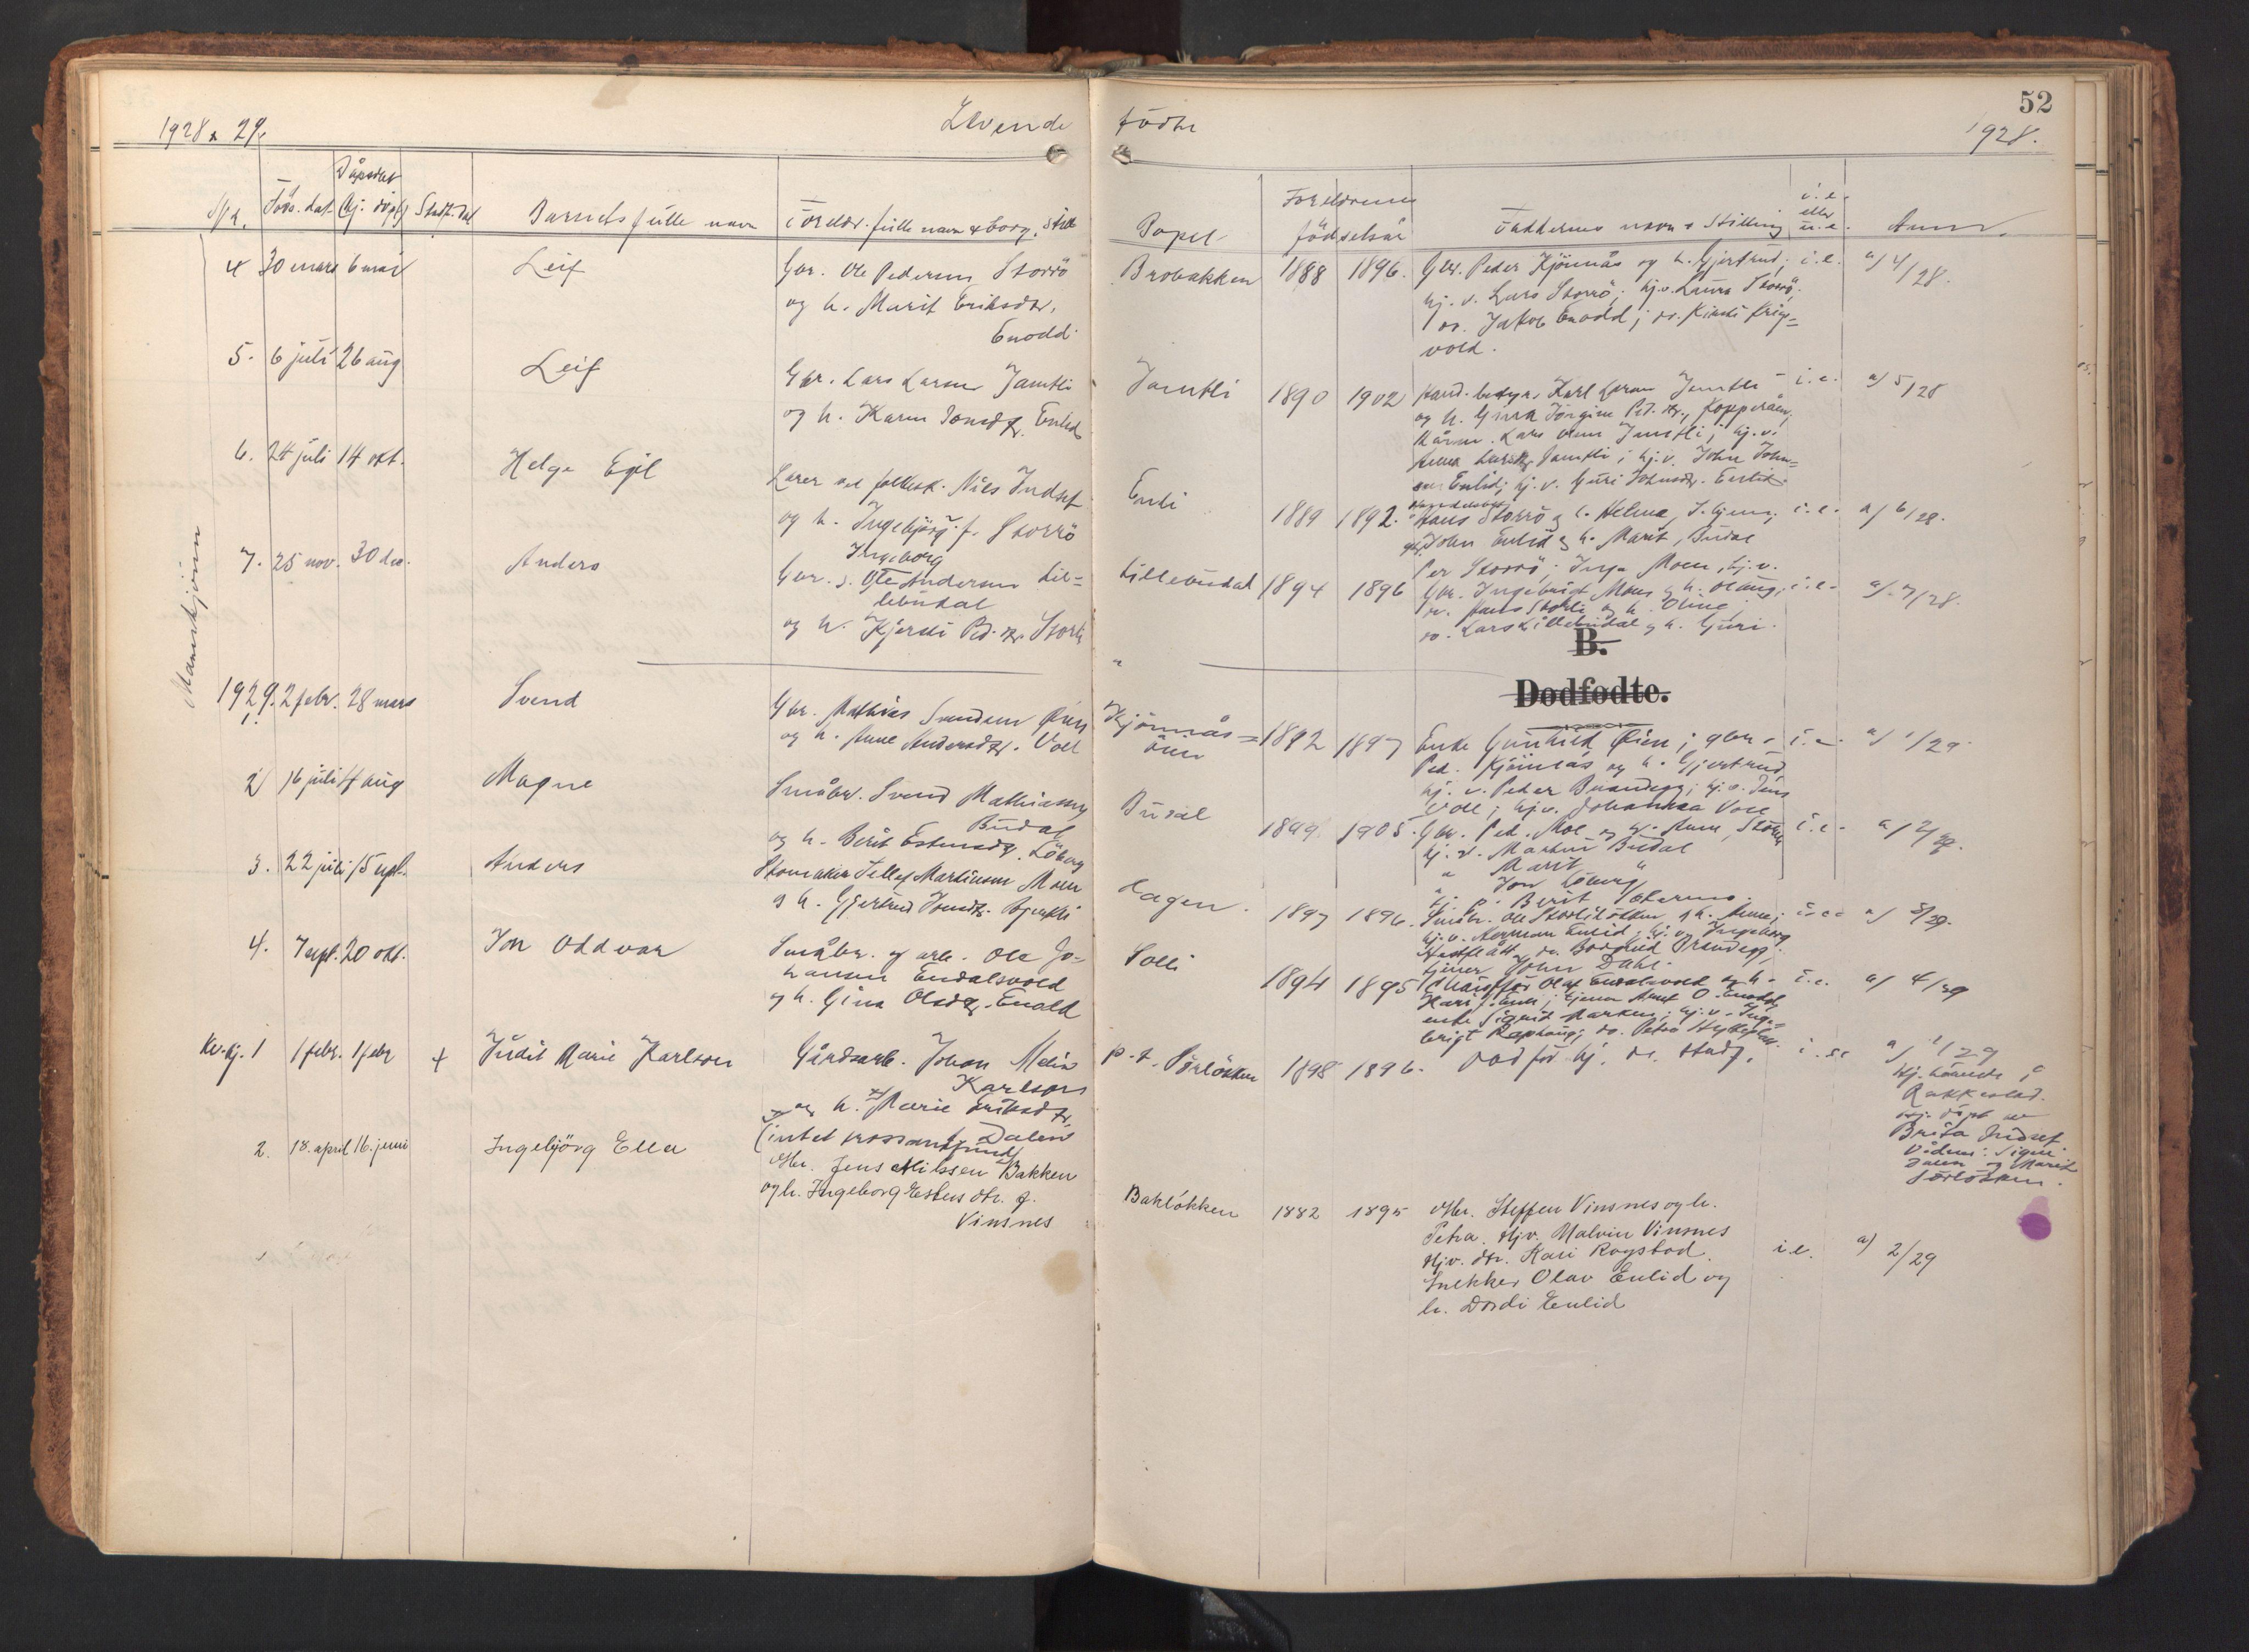 SAT, Ministerialprotokoller, klokkerbøker og fødselsregistre - Sør-Trøndelag, 690/L1050: Ministerialbok nr. 690A01, 1889-1929, s. 52